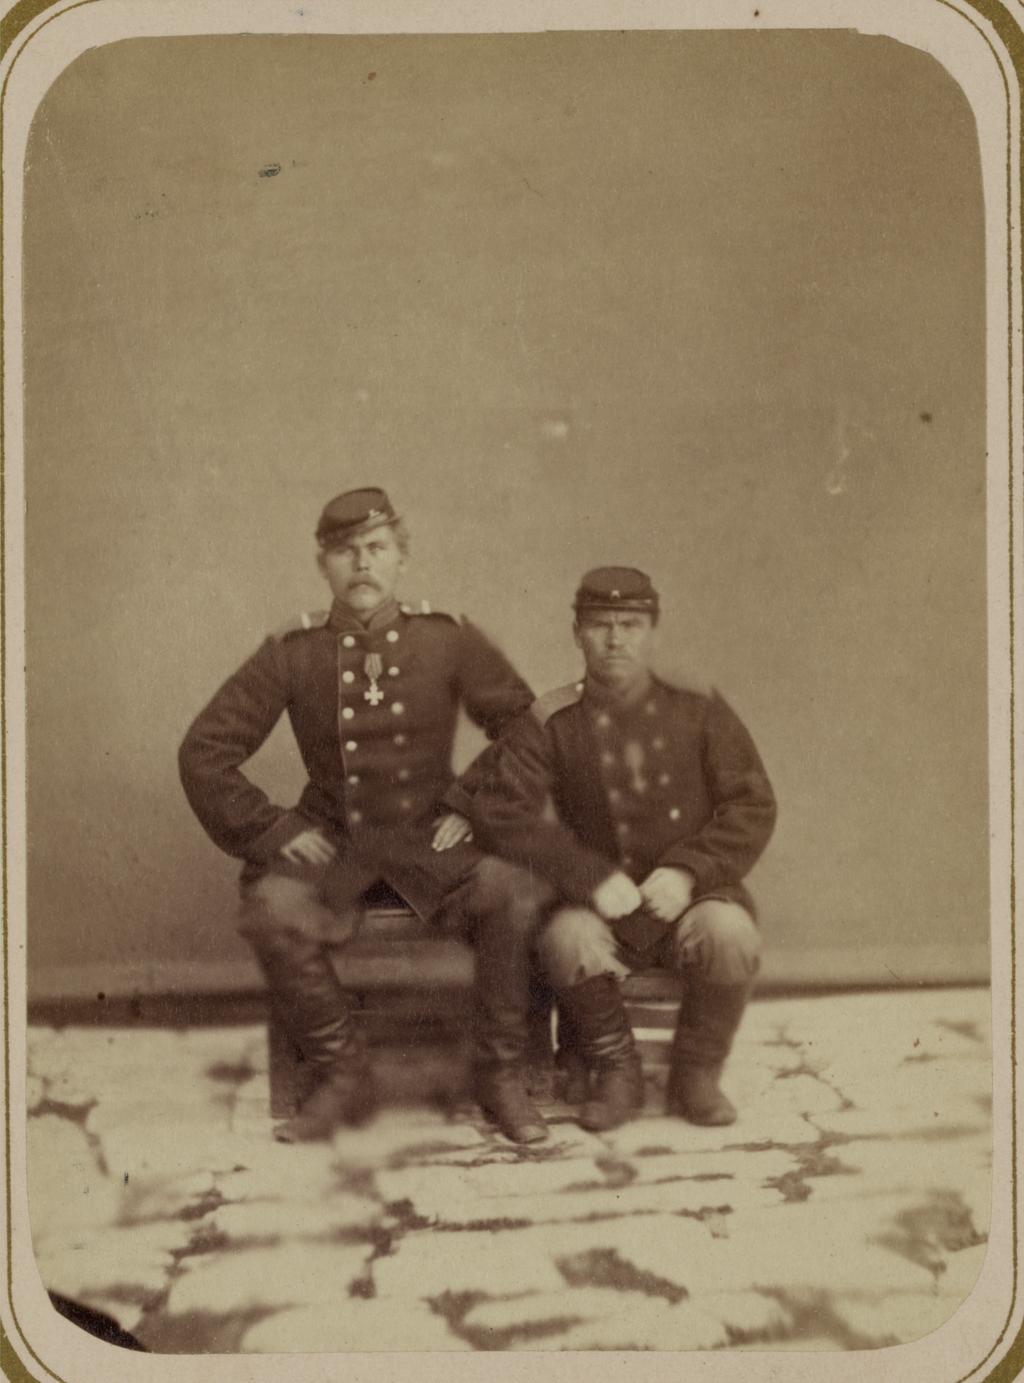 Георгиевские кавалеры, имеющие знаки отличия военного ордена. За дело под Кара-Тюбе 27 мая 1868 г. Рядовые 9‑го Туркестанского линейного батальона Баранов и Макаров